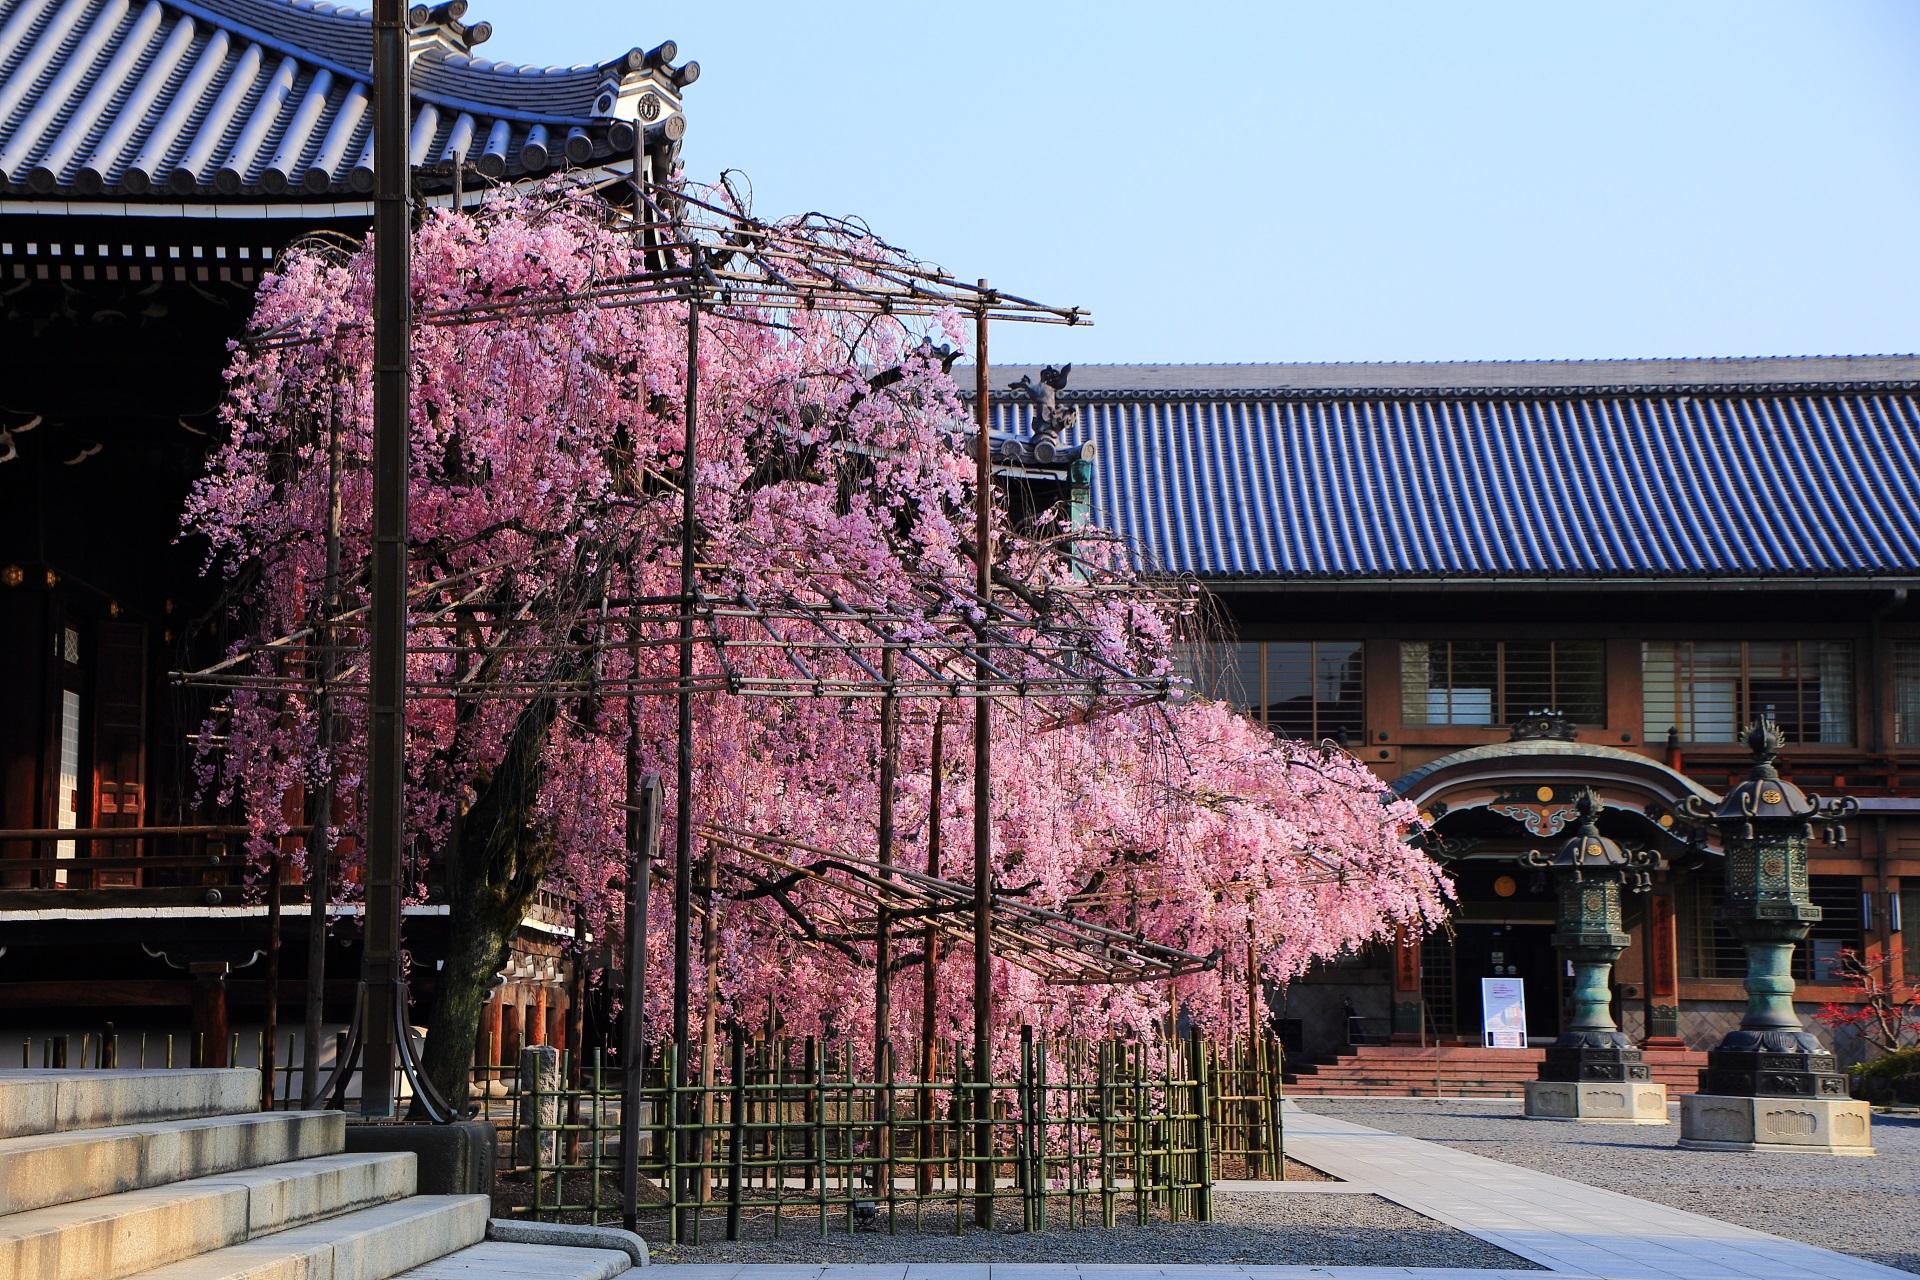 雰囲気のだいぶ異なる横から眺めた桜